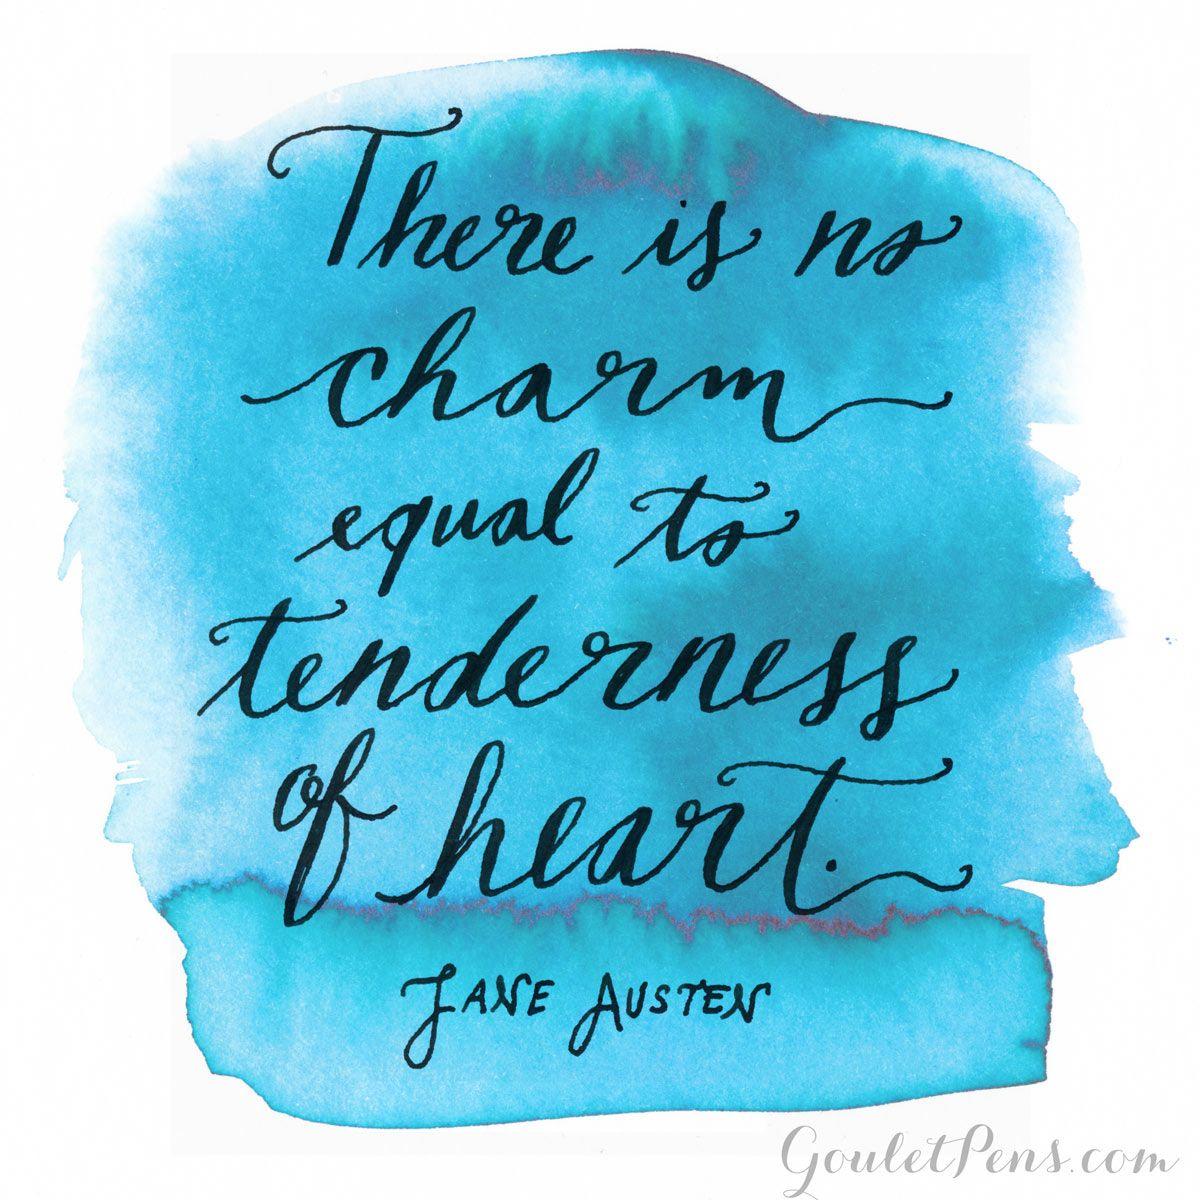 Some Wednesday Wisdom from Jane Austen!